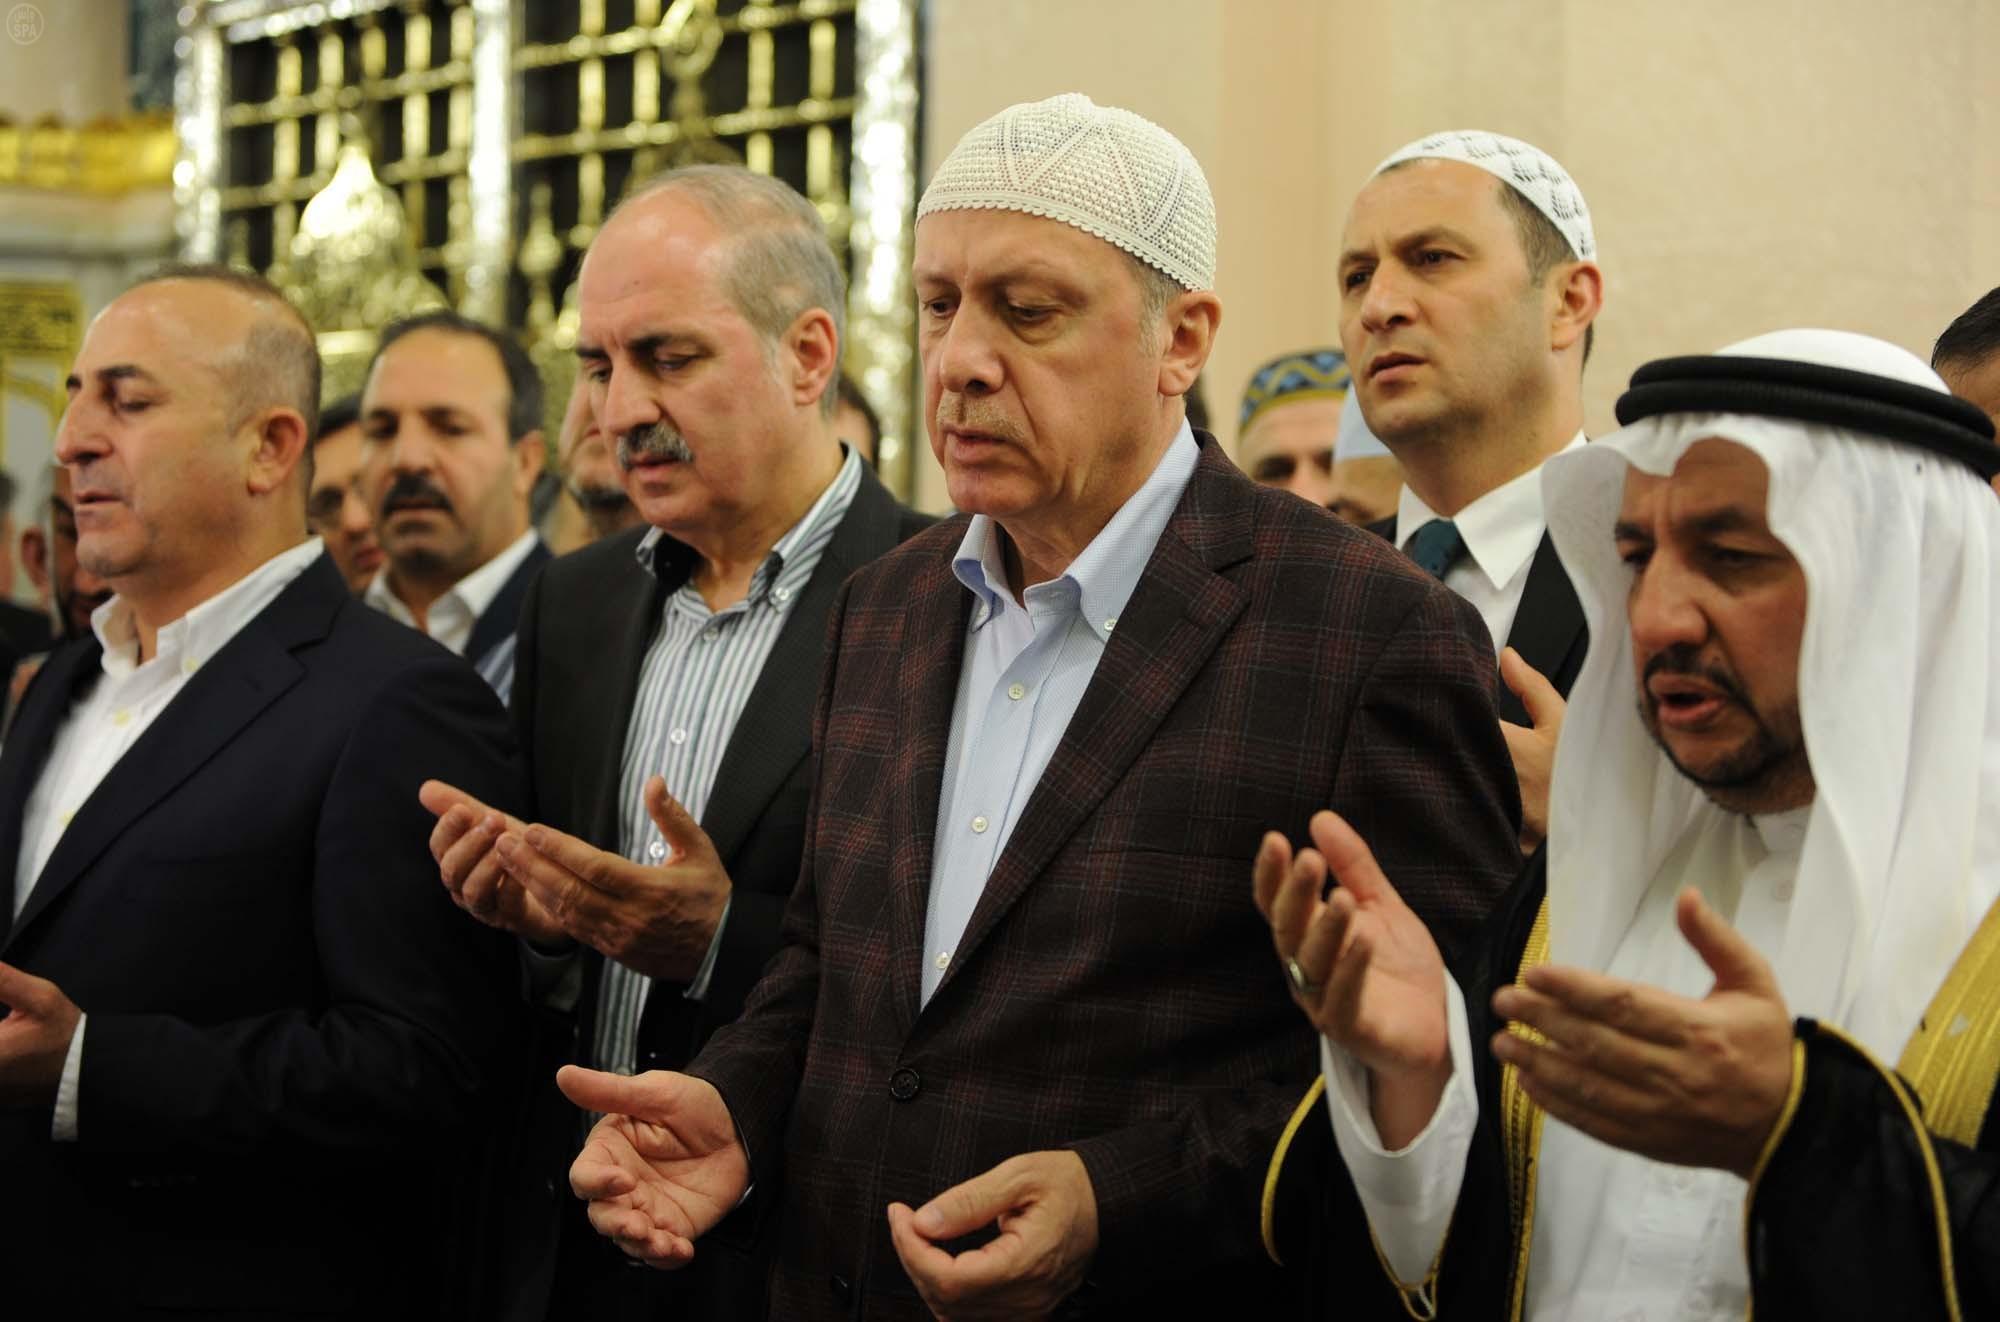 أردوغان: ينبغي تفعيل المساجد دائماً وليس فقط في أوقات الصلوات